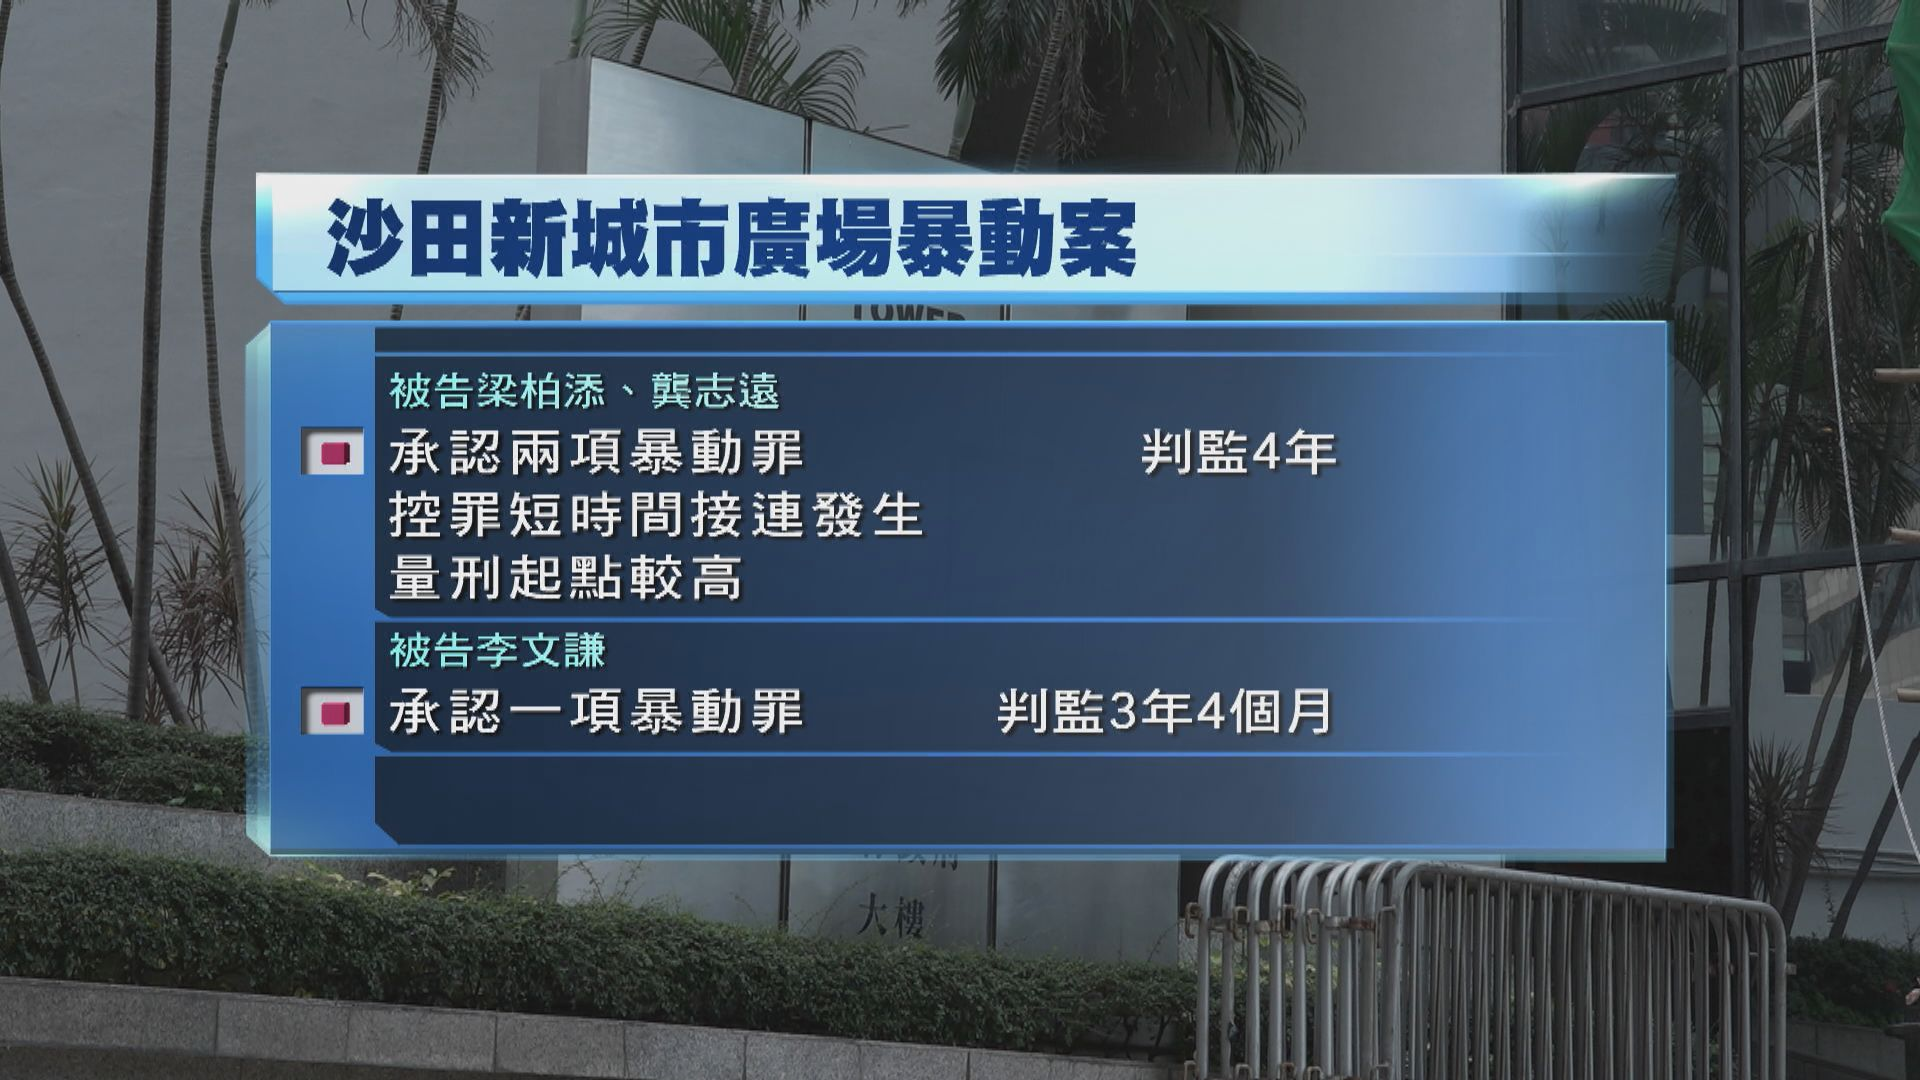 三人認暴動判囚3年4個月至4年 官指判刑要具阻嚇力